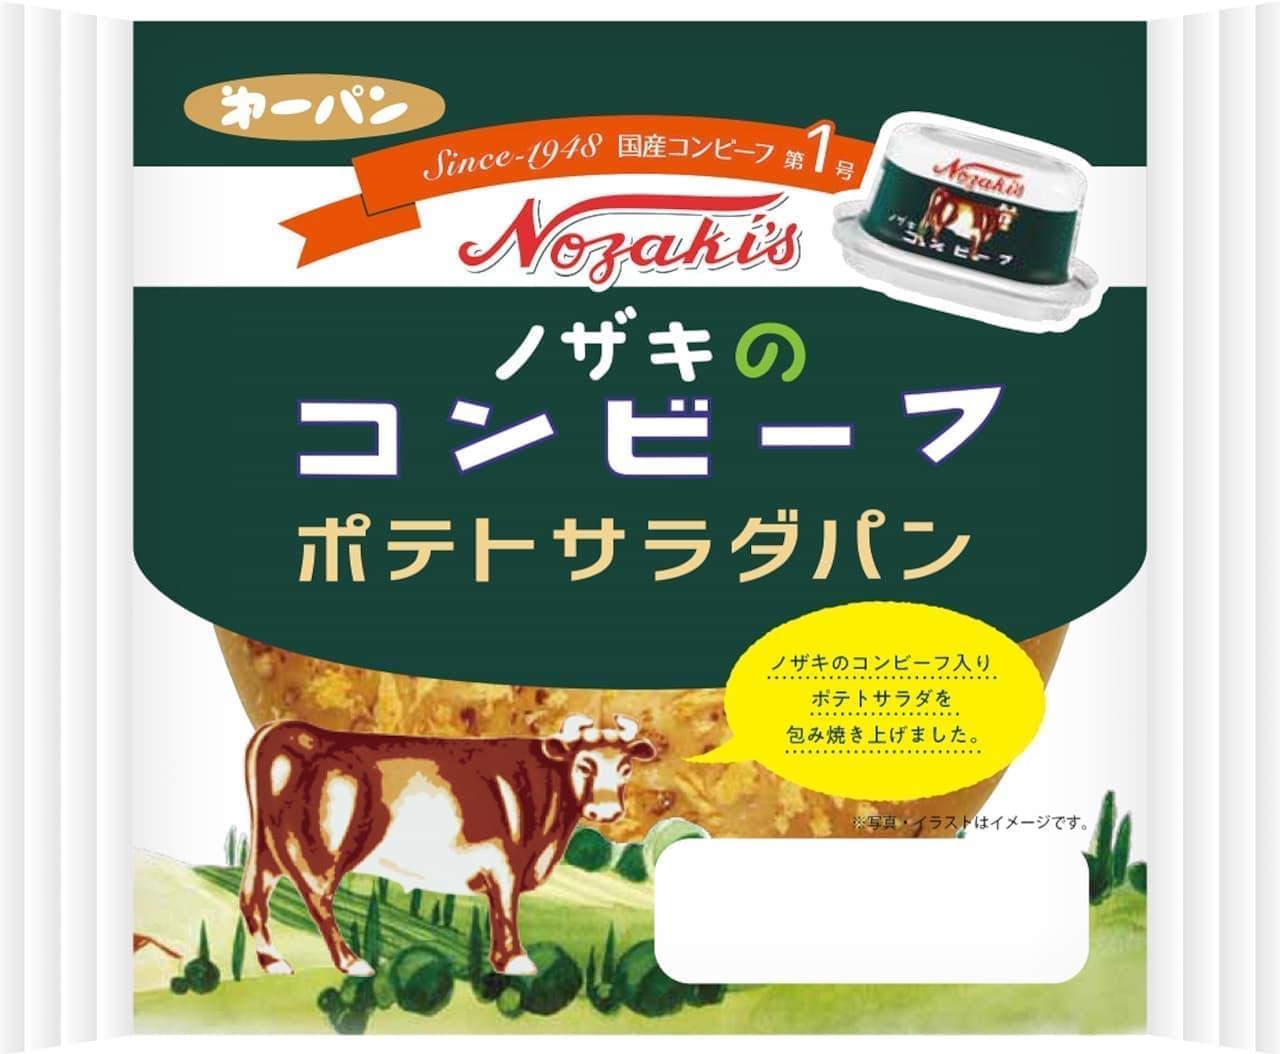 第一パン「ノザキのコンビーフクリームシチューパン」「ノザキのコンビーフポテトサラダパン」